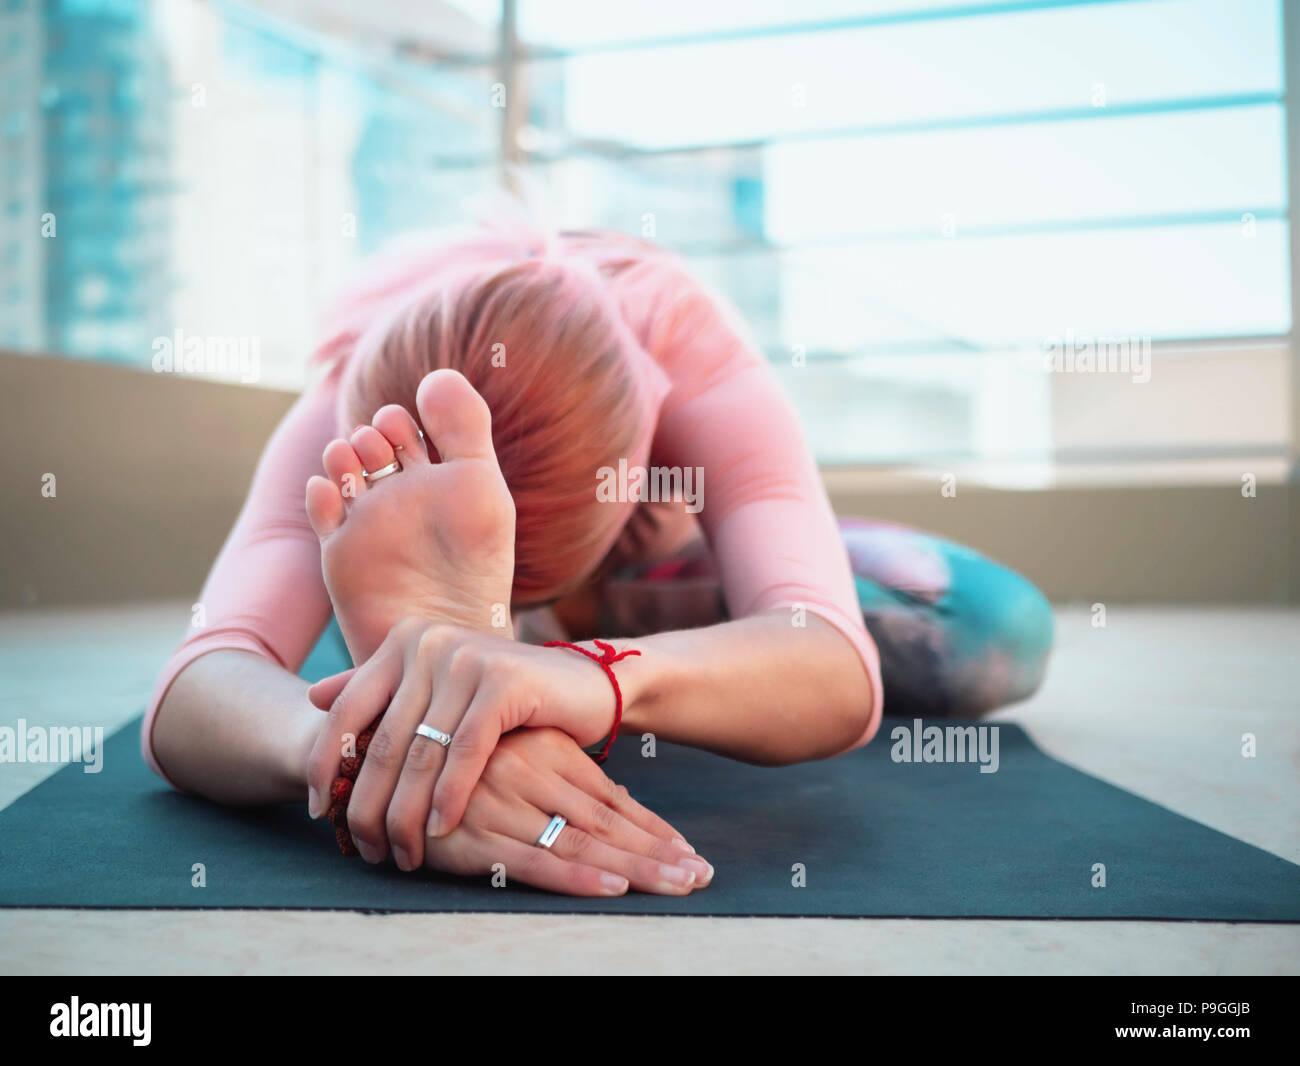 Jeune femme mince avec des cheveux teints en rose faisant du yoga pratique sur terrasse de ville moderne. Maintien de la jeune fille en bonne santé et détente sur le corps pendant la pratique sur le toit Poser Photo Stock